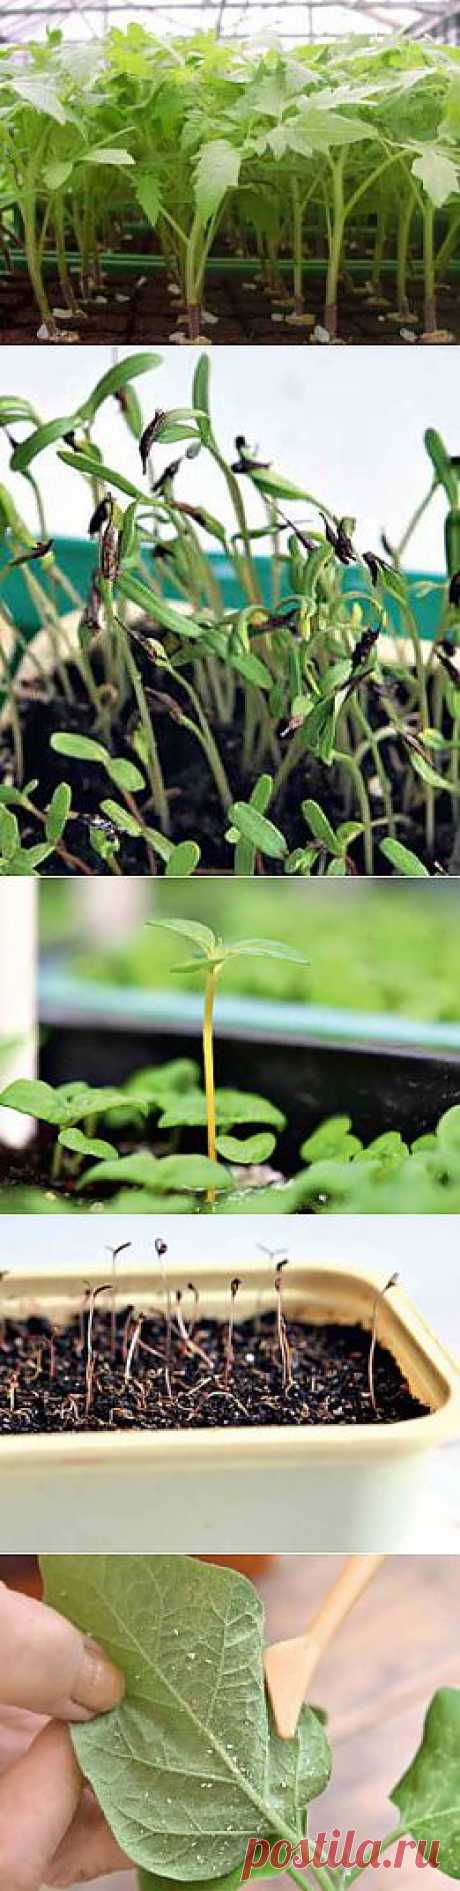 Проблемы с рассадой и пути их решения | Дача - впрок